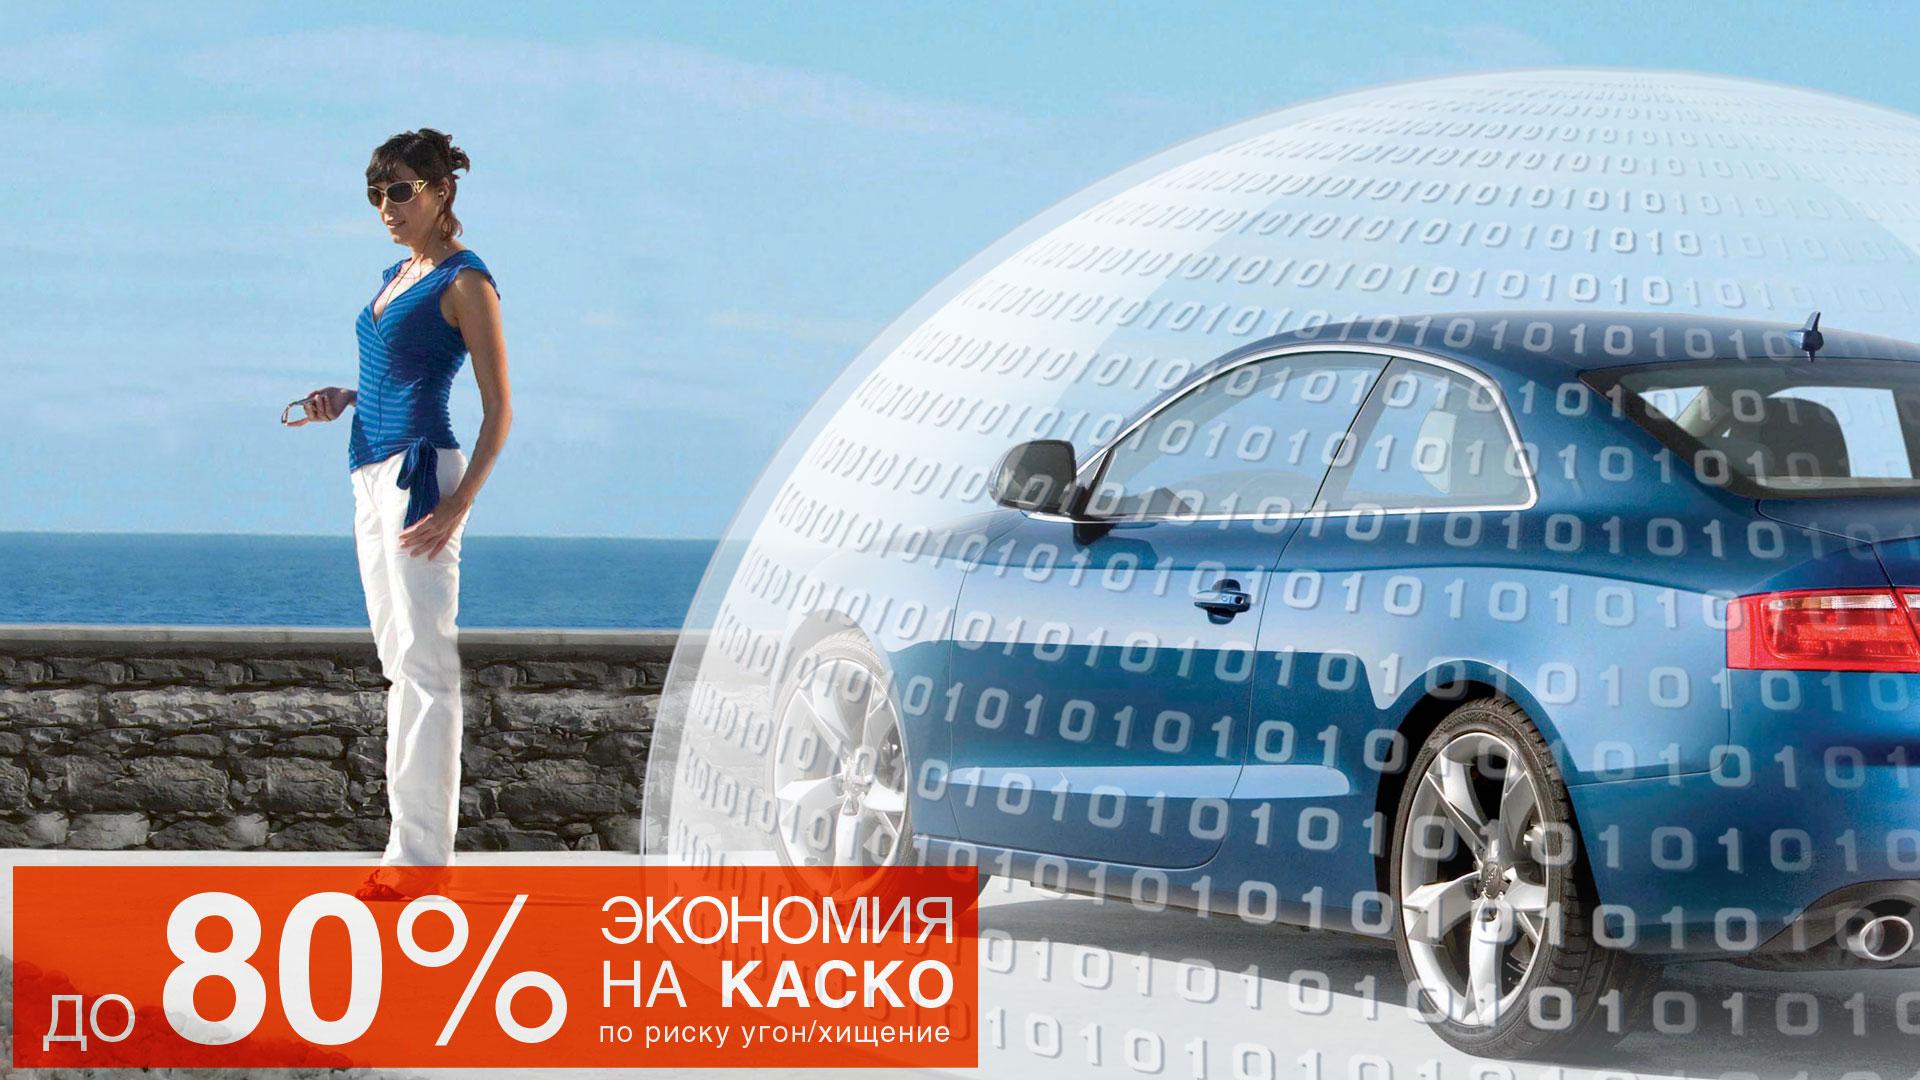 KACKO_80